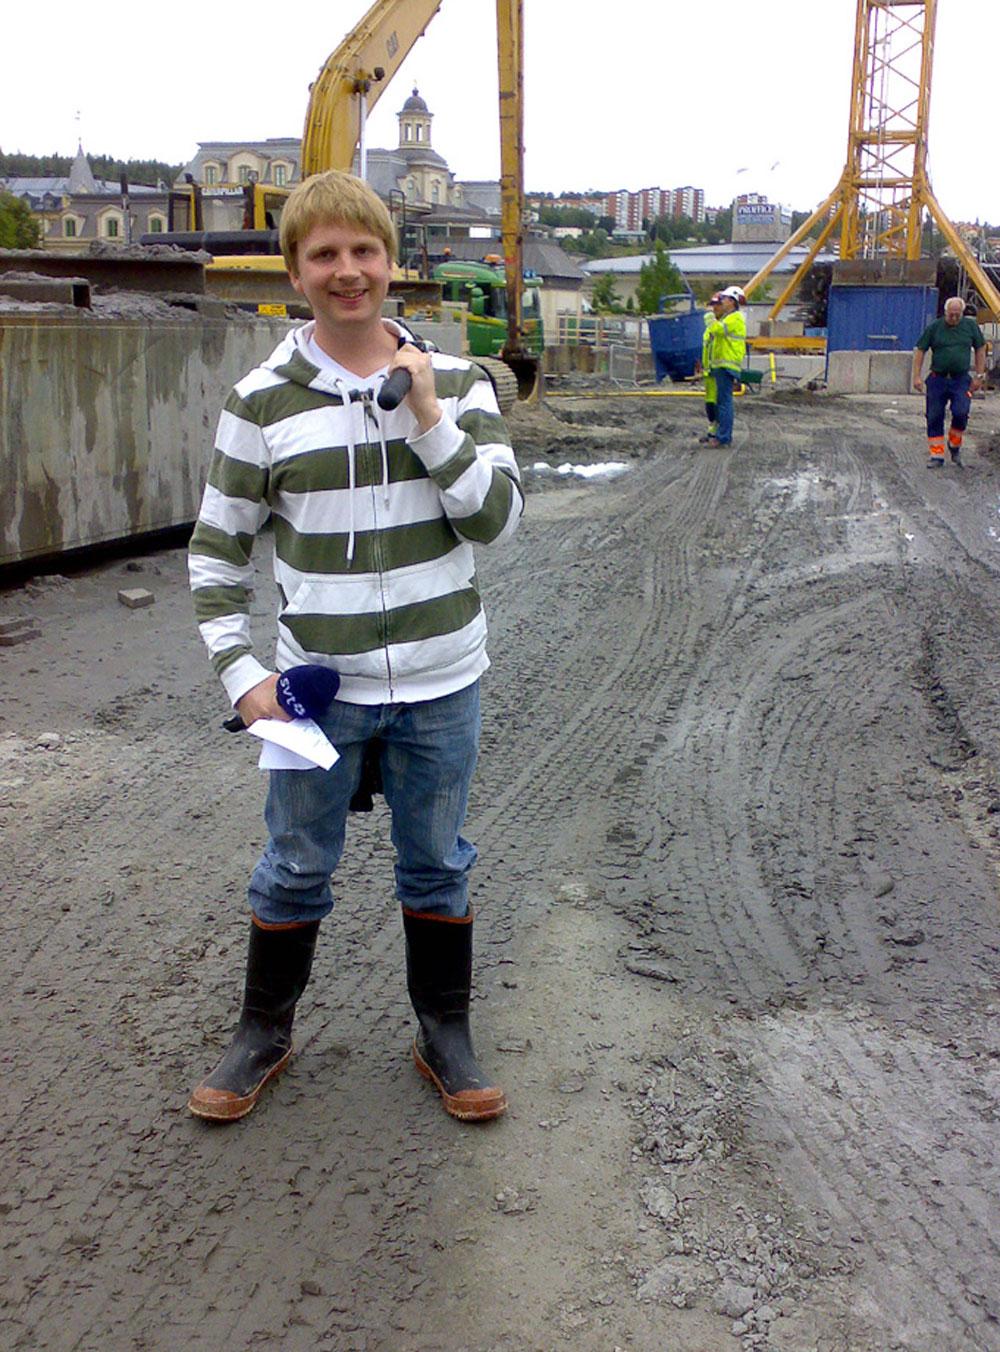 Backa Elias Bondpä på byggarbetsplats med SVT-mikrofon, stativ och gummistövlar.